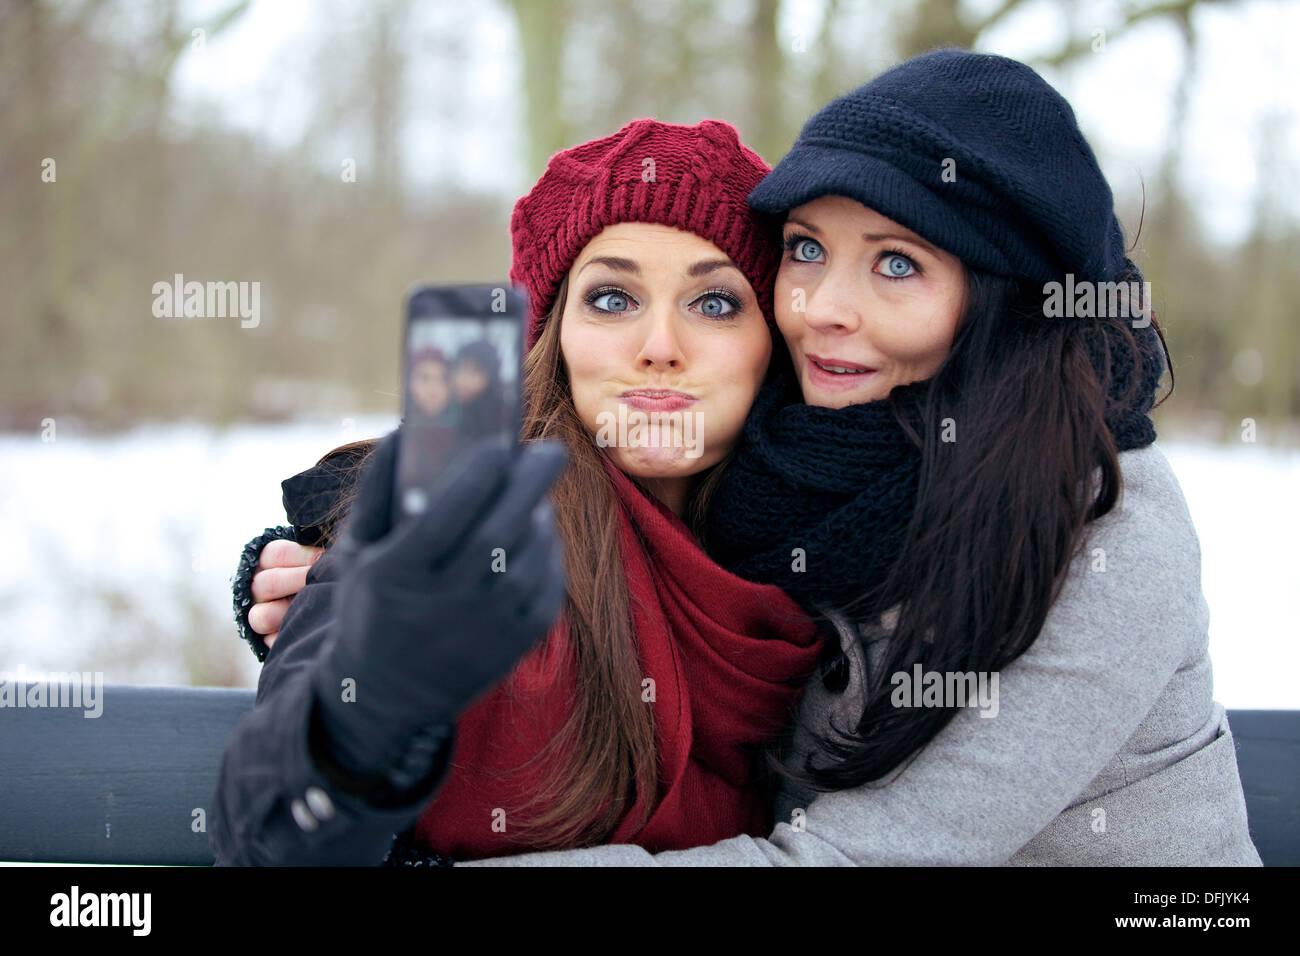 Gli amici con la fotocamera del telefono per divertirsi facendo facce Immagini Stock